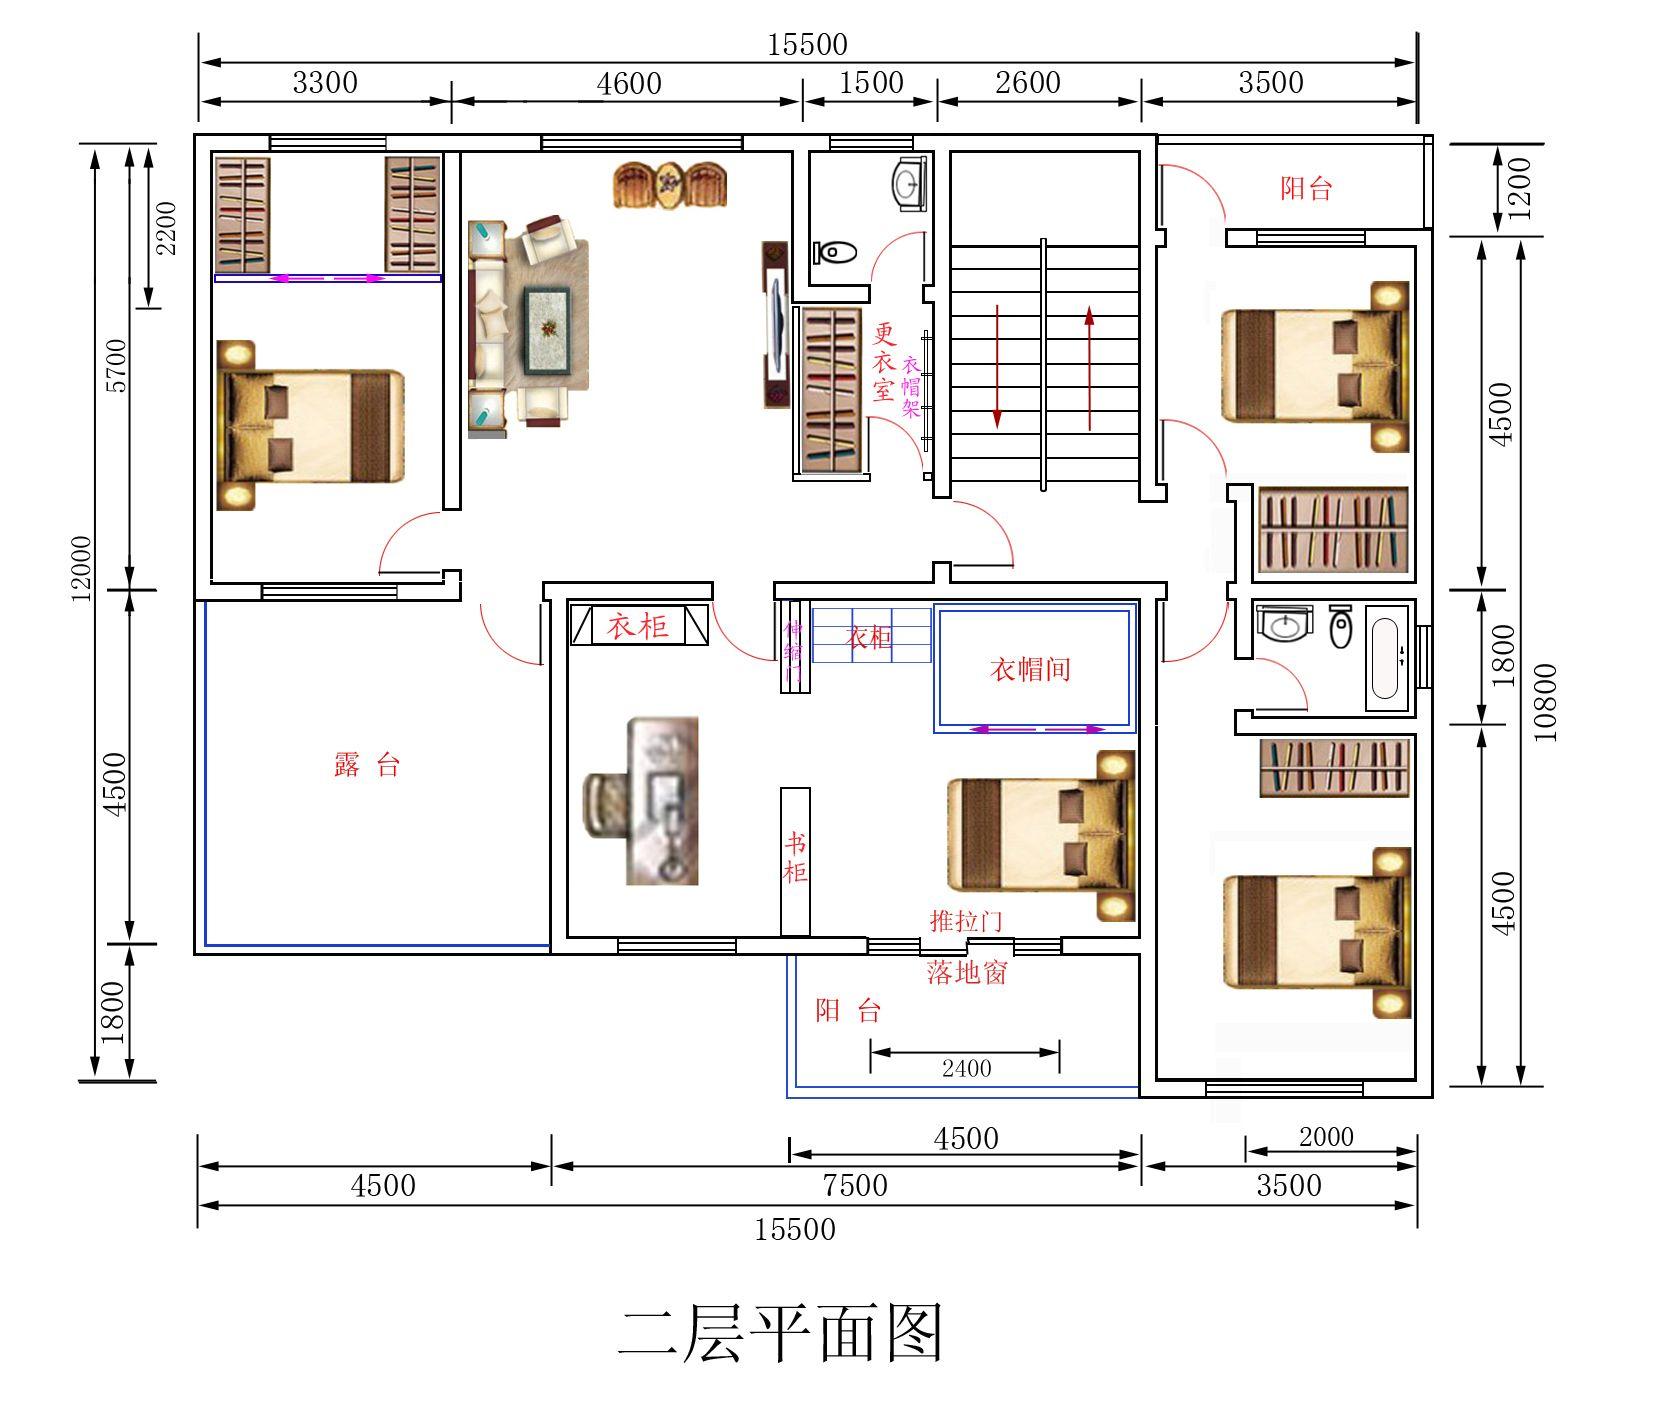 求一套完整的建筑施工图纸和完整的正确的手算清单工程量